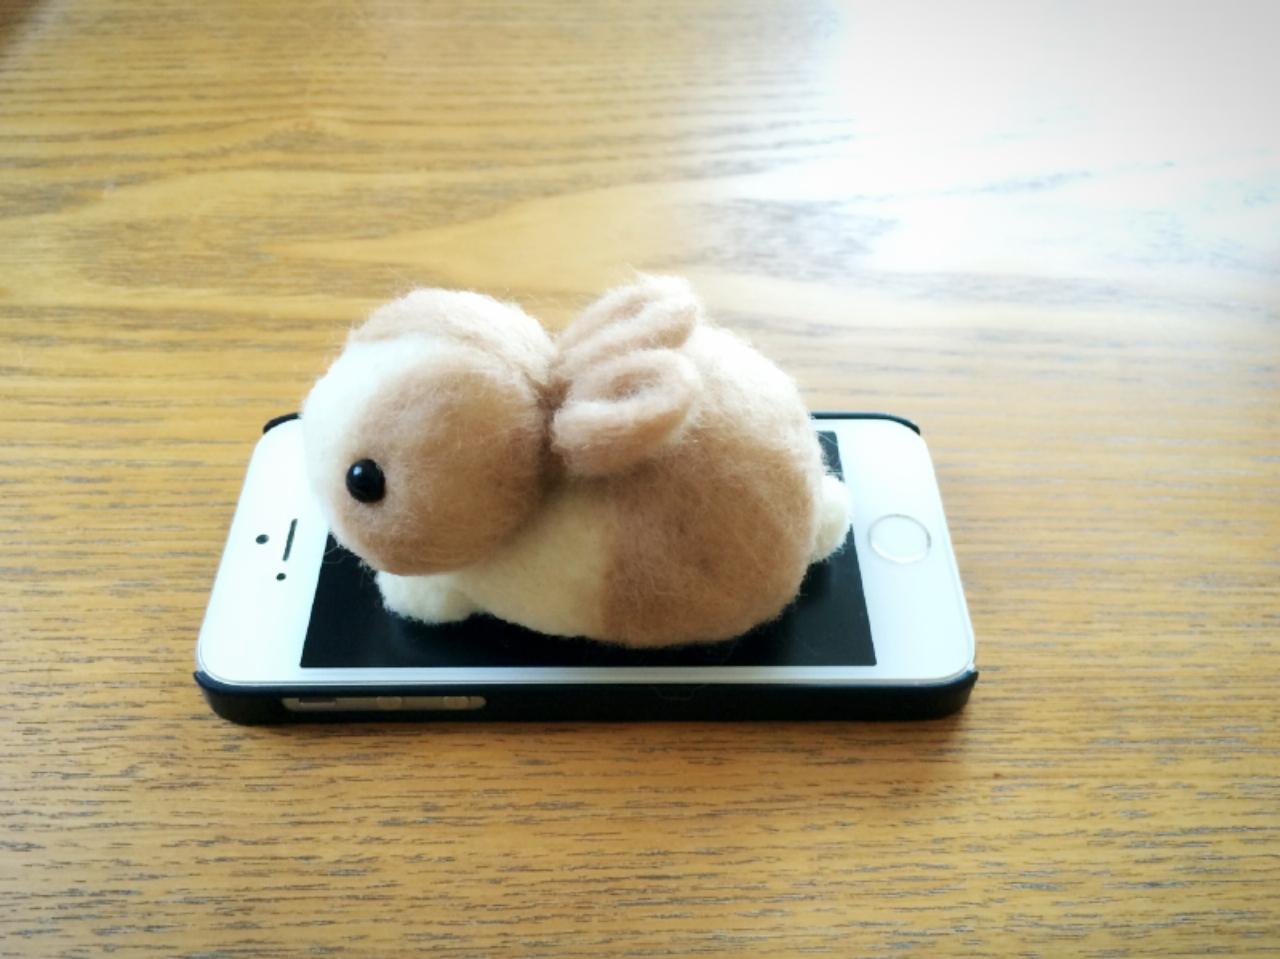 これくらいの大きさです。(iphone4S)